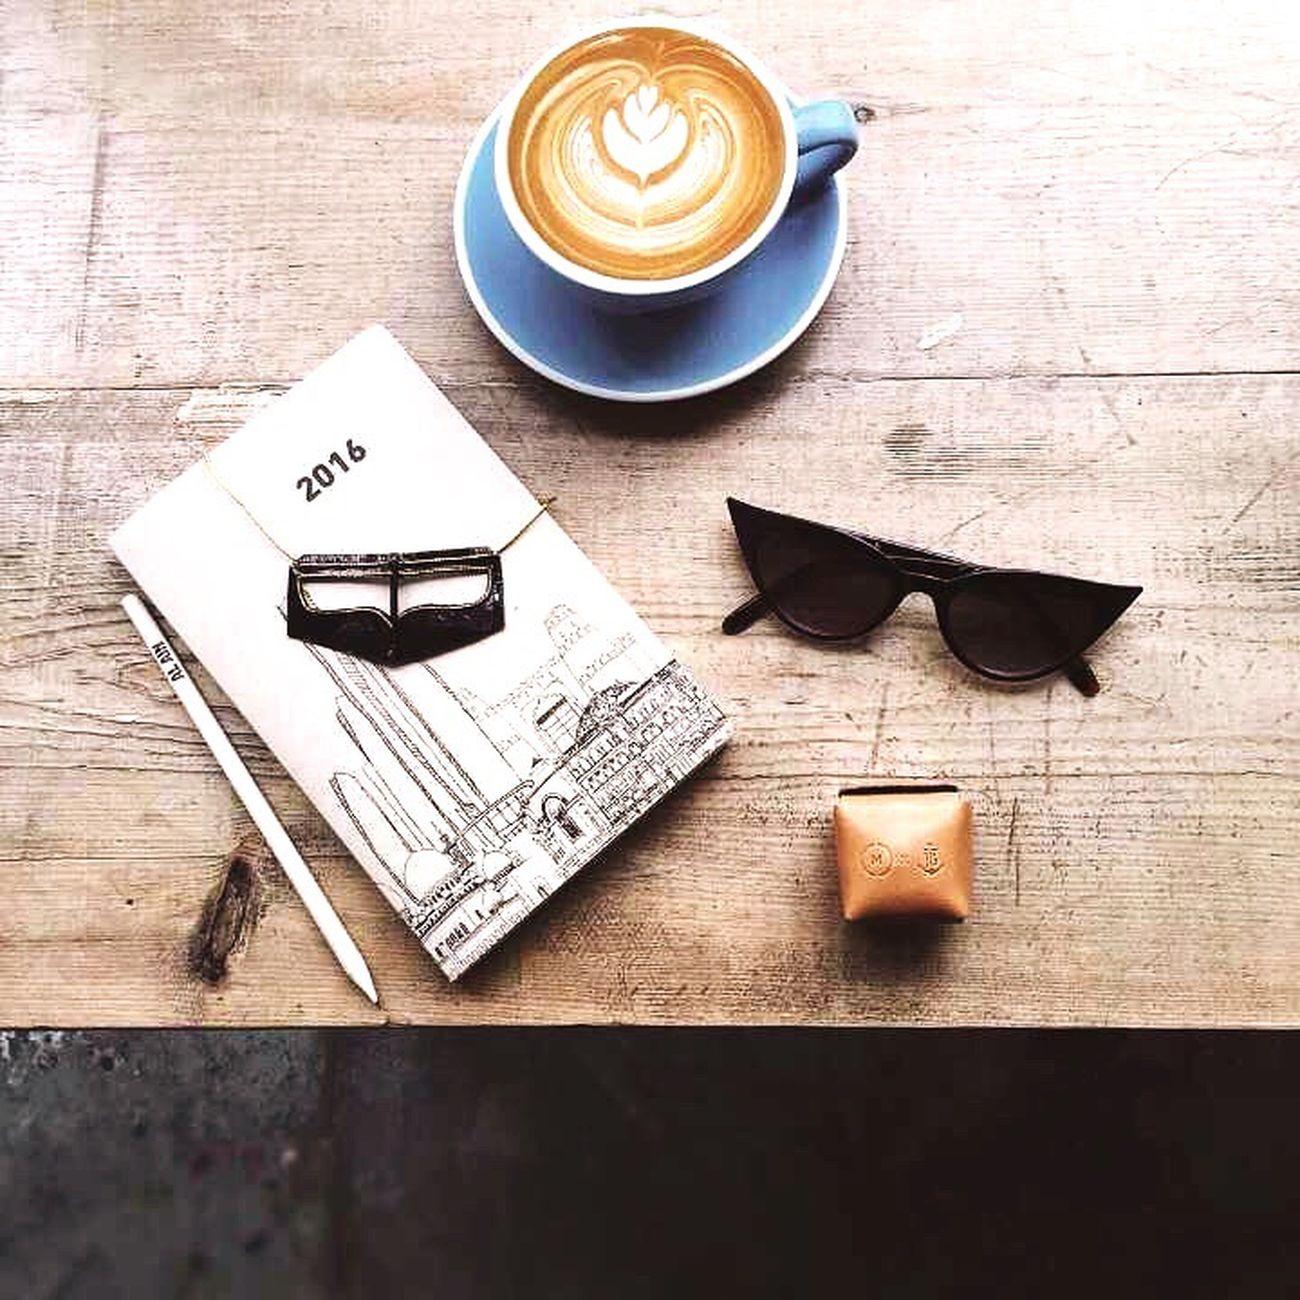 قهوة كابتشينو قهوتي_الساخنه قهوة_المساء تصويري  طعام